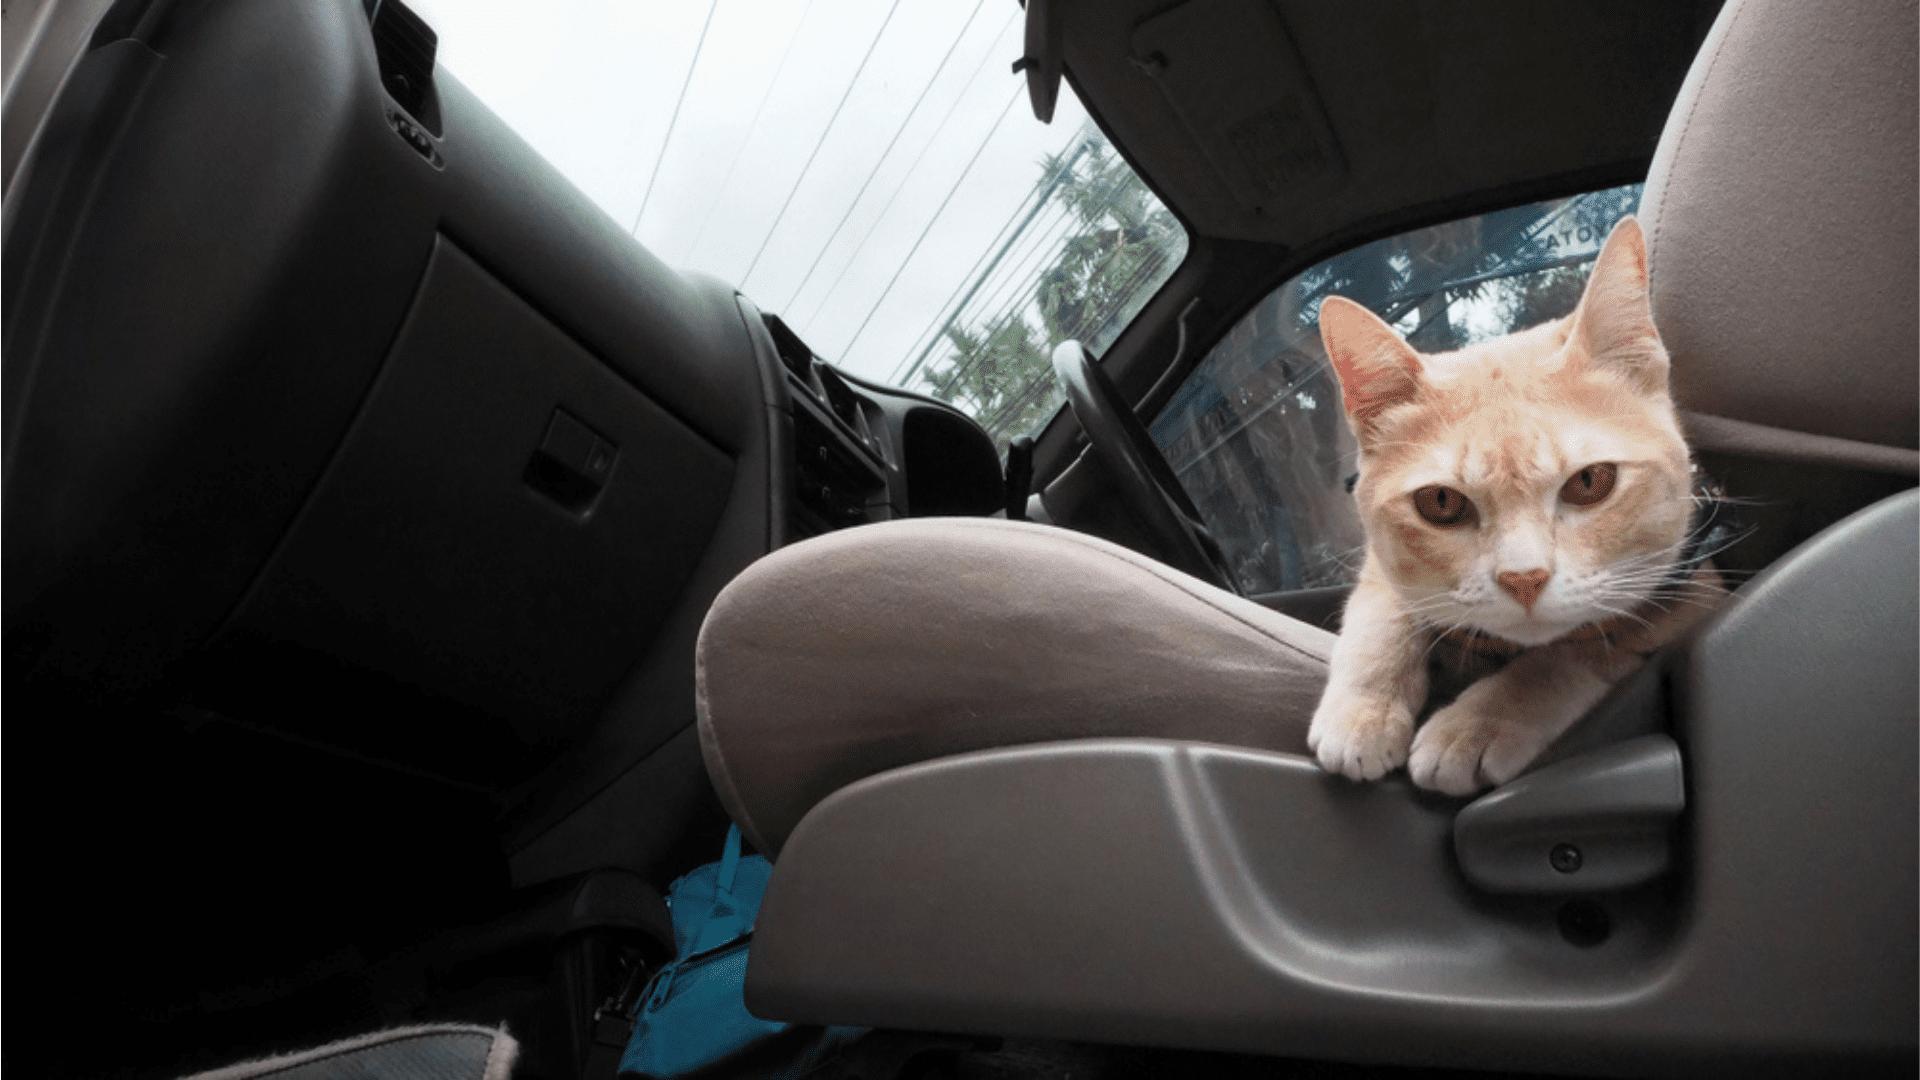 Aprenda tudo sobre viagem de carro com gato! (Reprodução/Shutterstock)